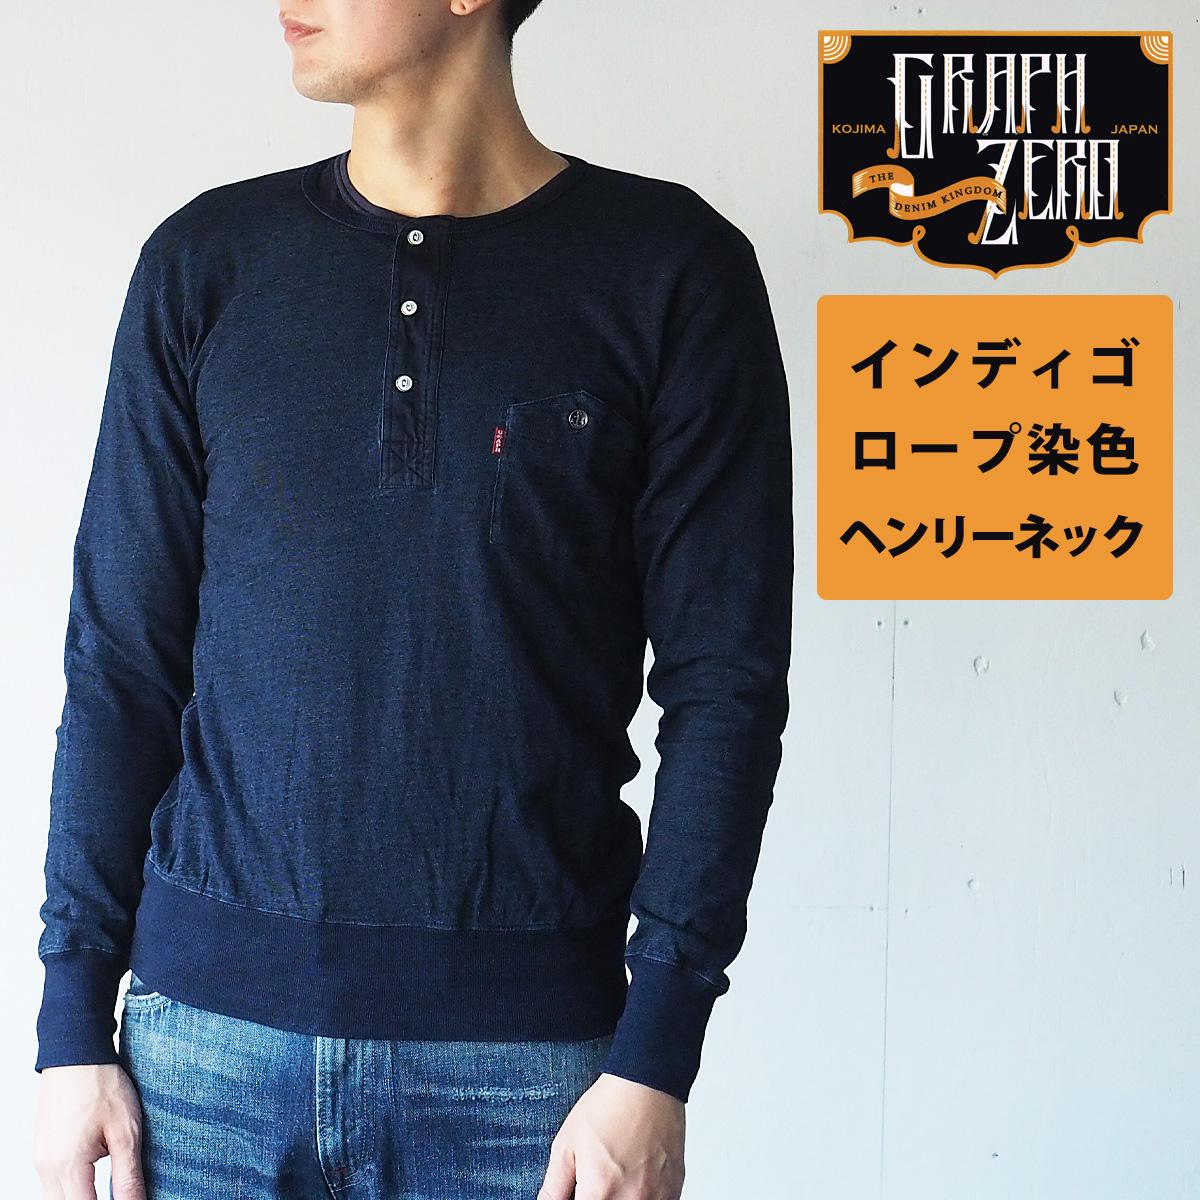 graphzero(グラフゼロ) インディゴロープ染色 山ポケット ヘンリーネックTシャツ 長袖 メンズ [GZ-IDTHL-0110-MENS]